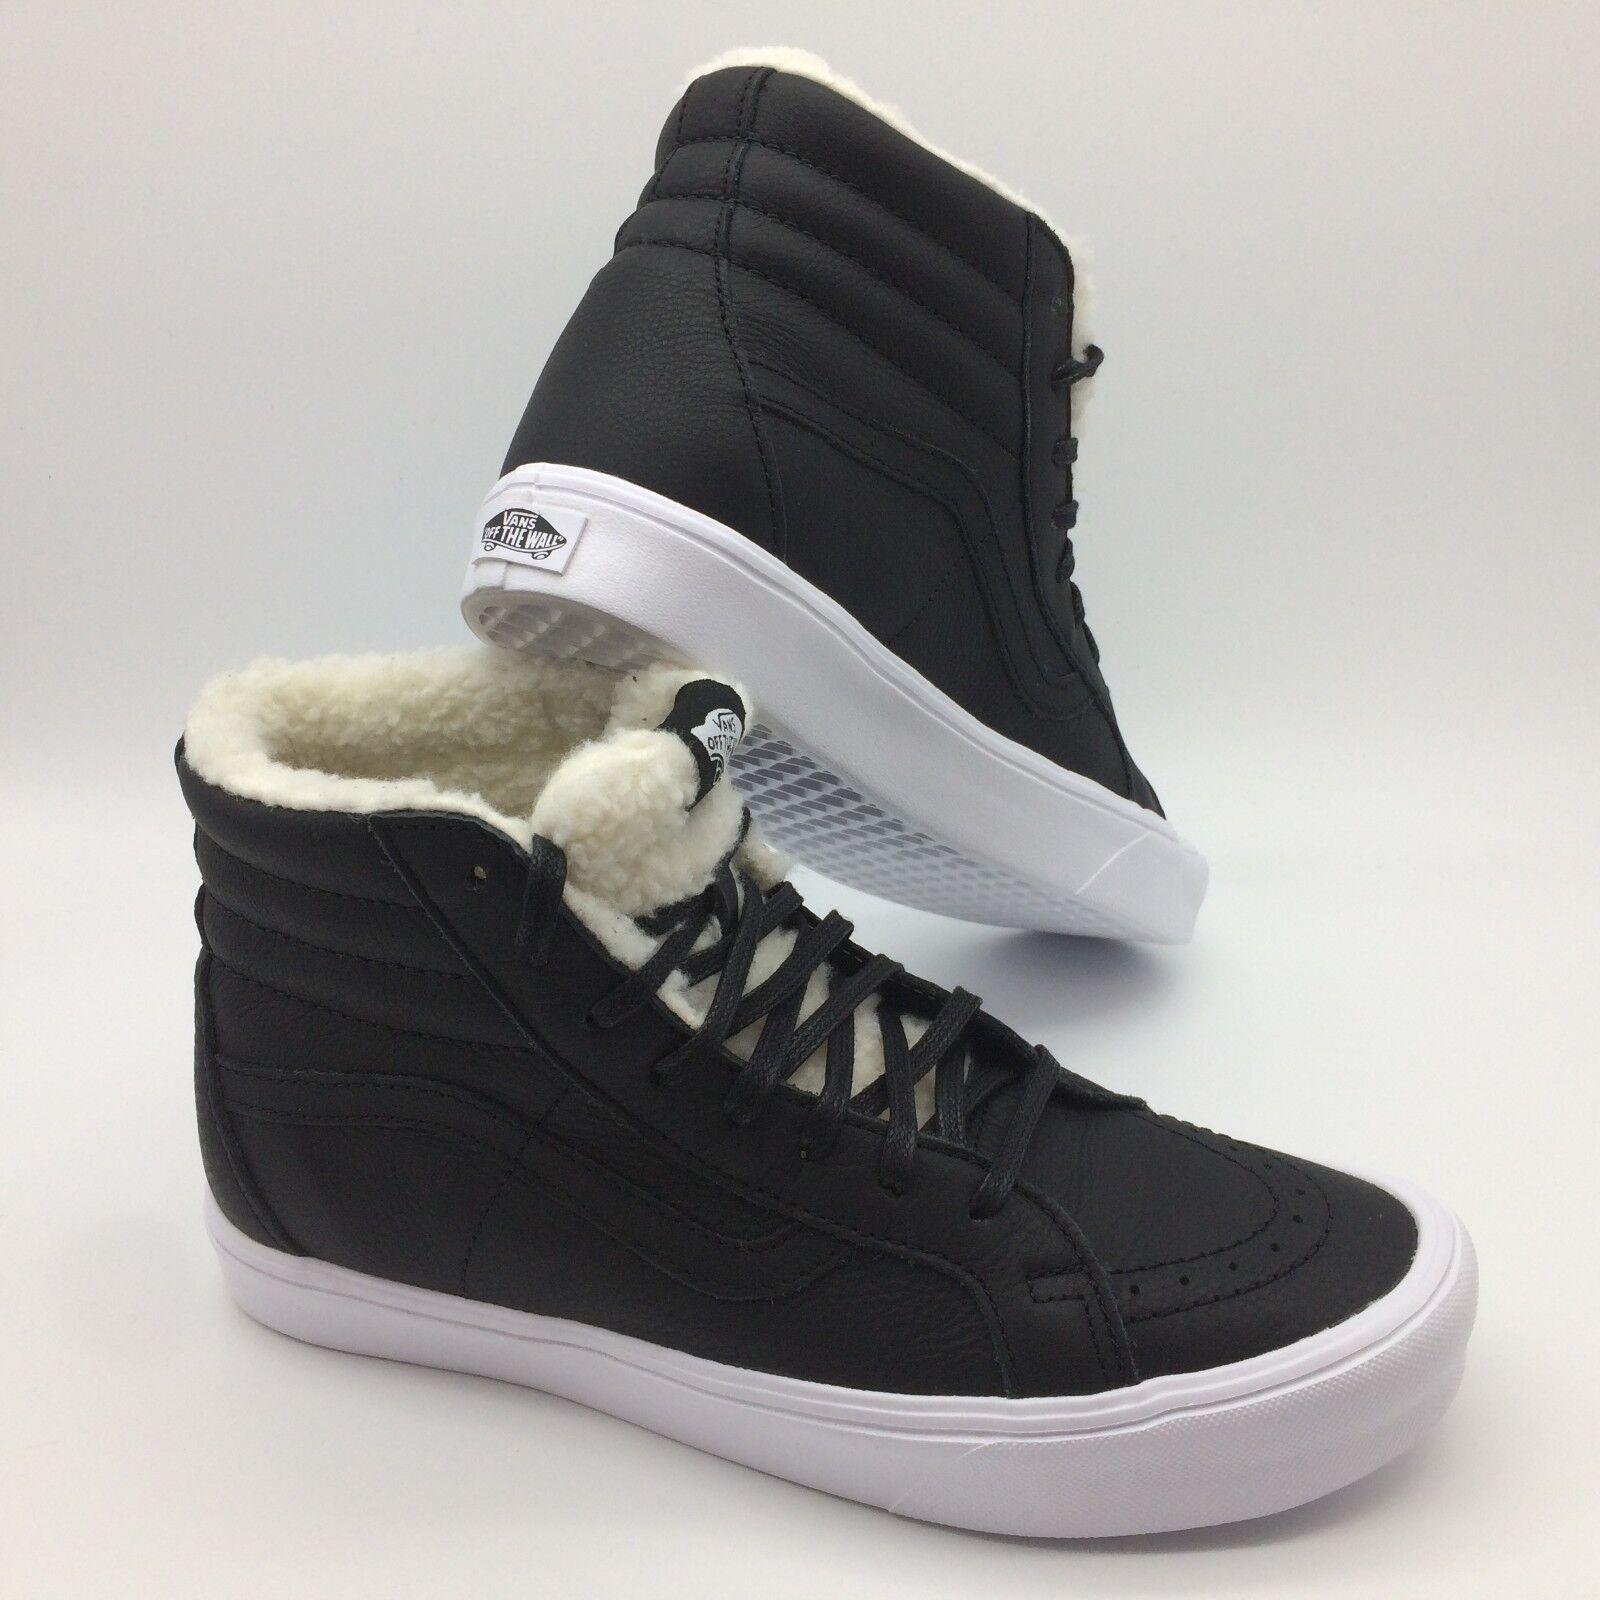 Vans Herren Schuhe   Sk8-Hi Neuauflage Neuauflage Neuauflage Li '' Sherpa) Schwarz Weiß  2f0324